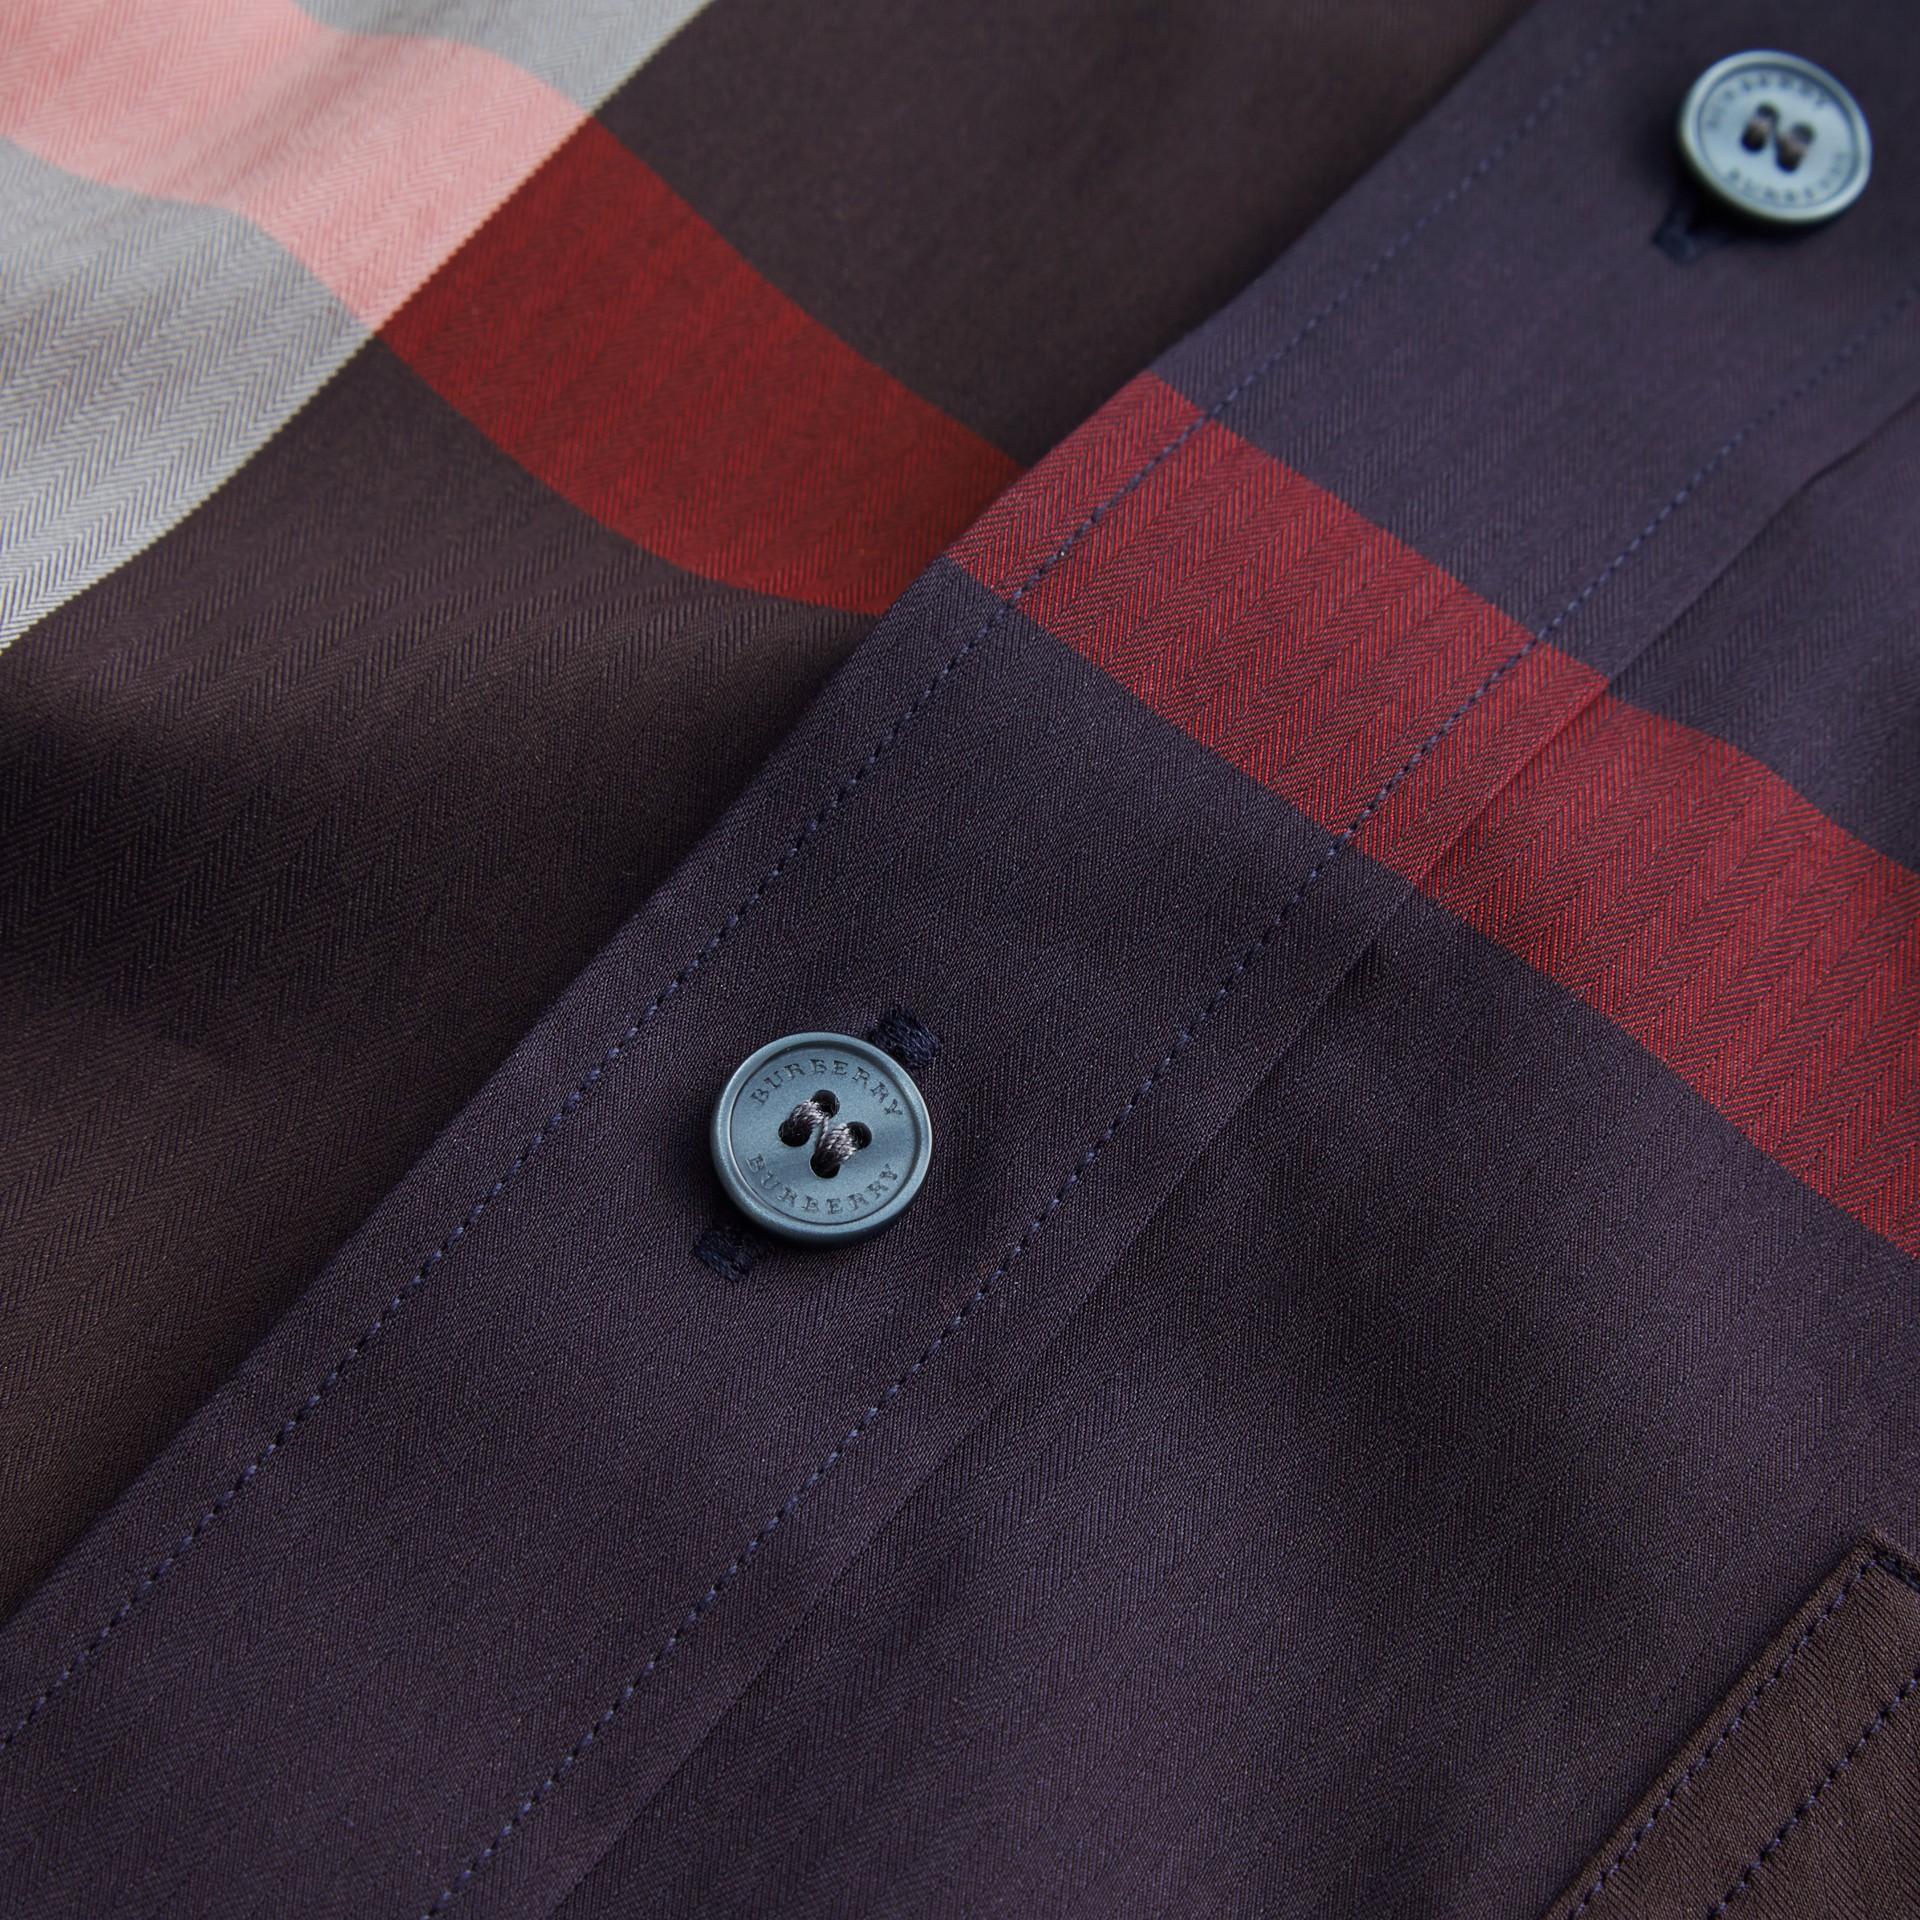 Hemd aus einer Stretchbaumwollmischung im Karodesign mit Button-down-Kragen (Marineblau) - Herren | Burberry - Galerie-Bild 2